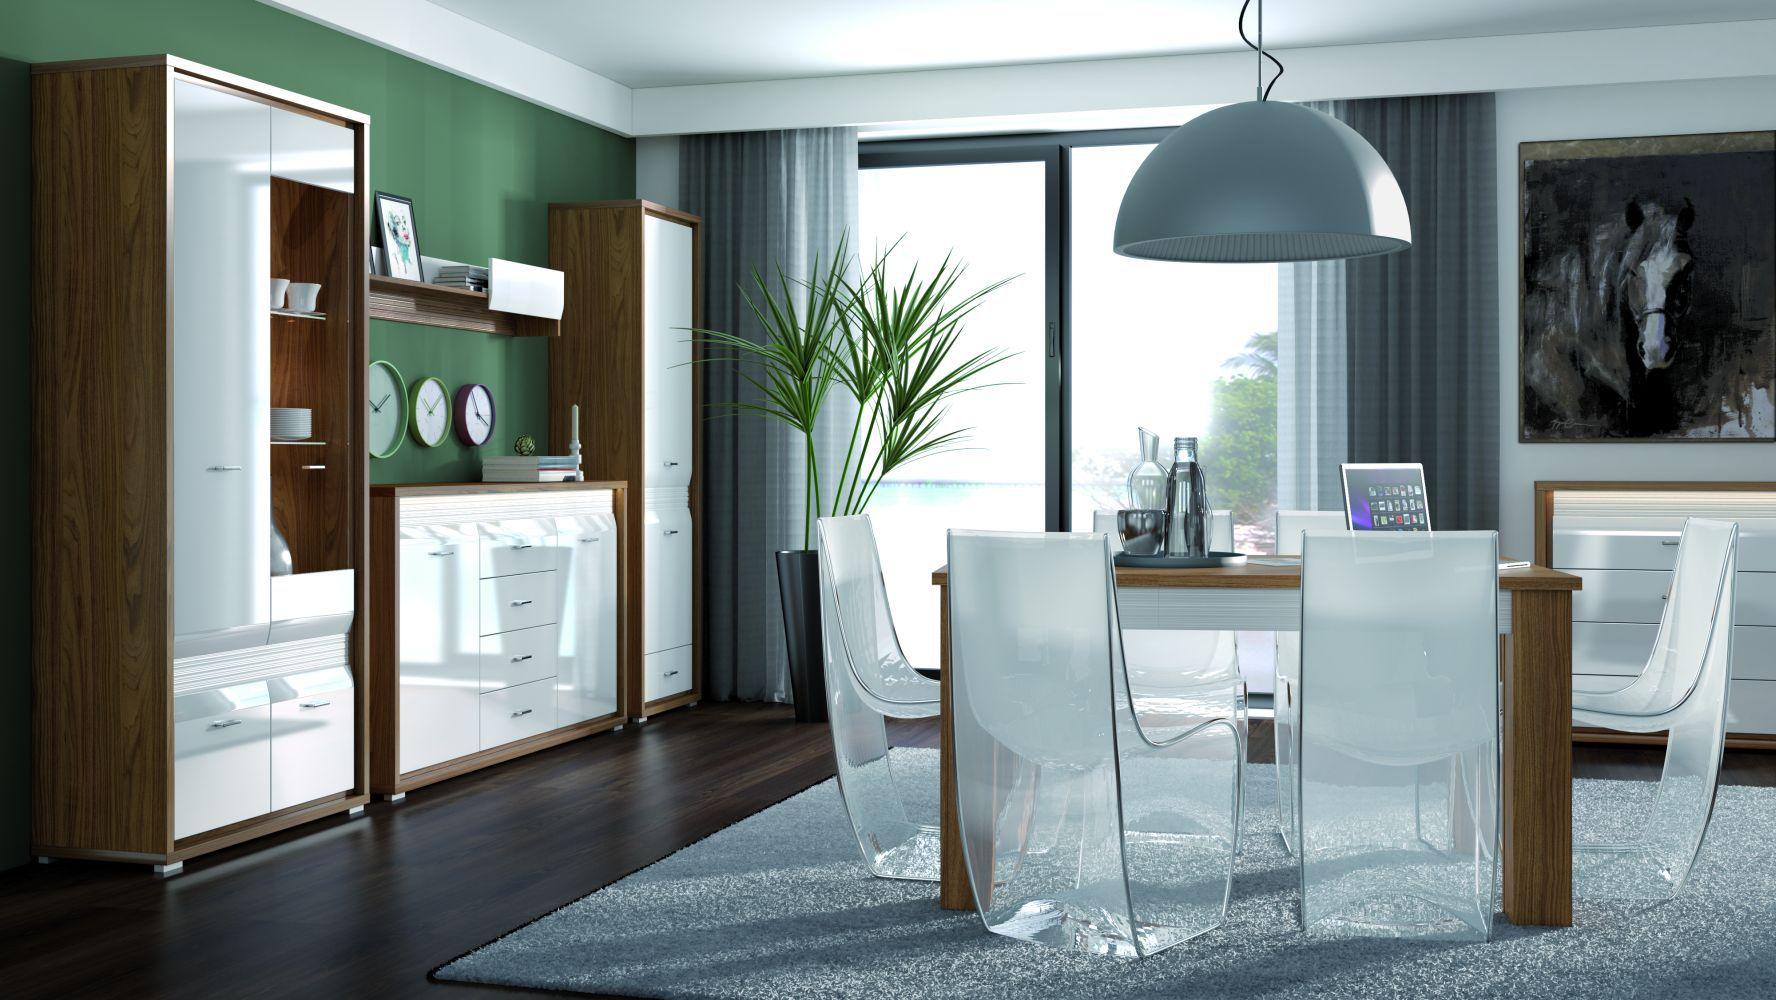 Esszimmer Komplett - Set C Tempe, 6-teilig, Farbe: Nussfarben / Weiß Hochglanz, Fronteinsatz: Weiß